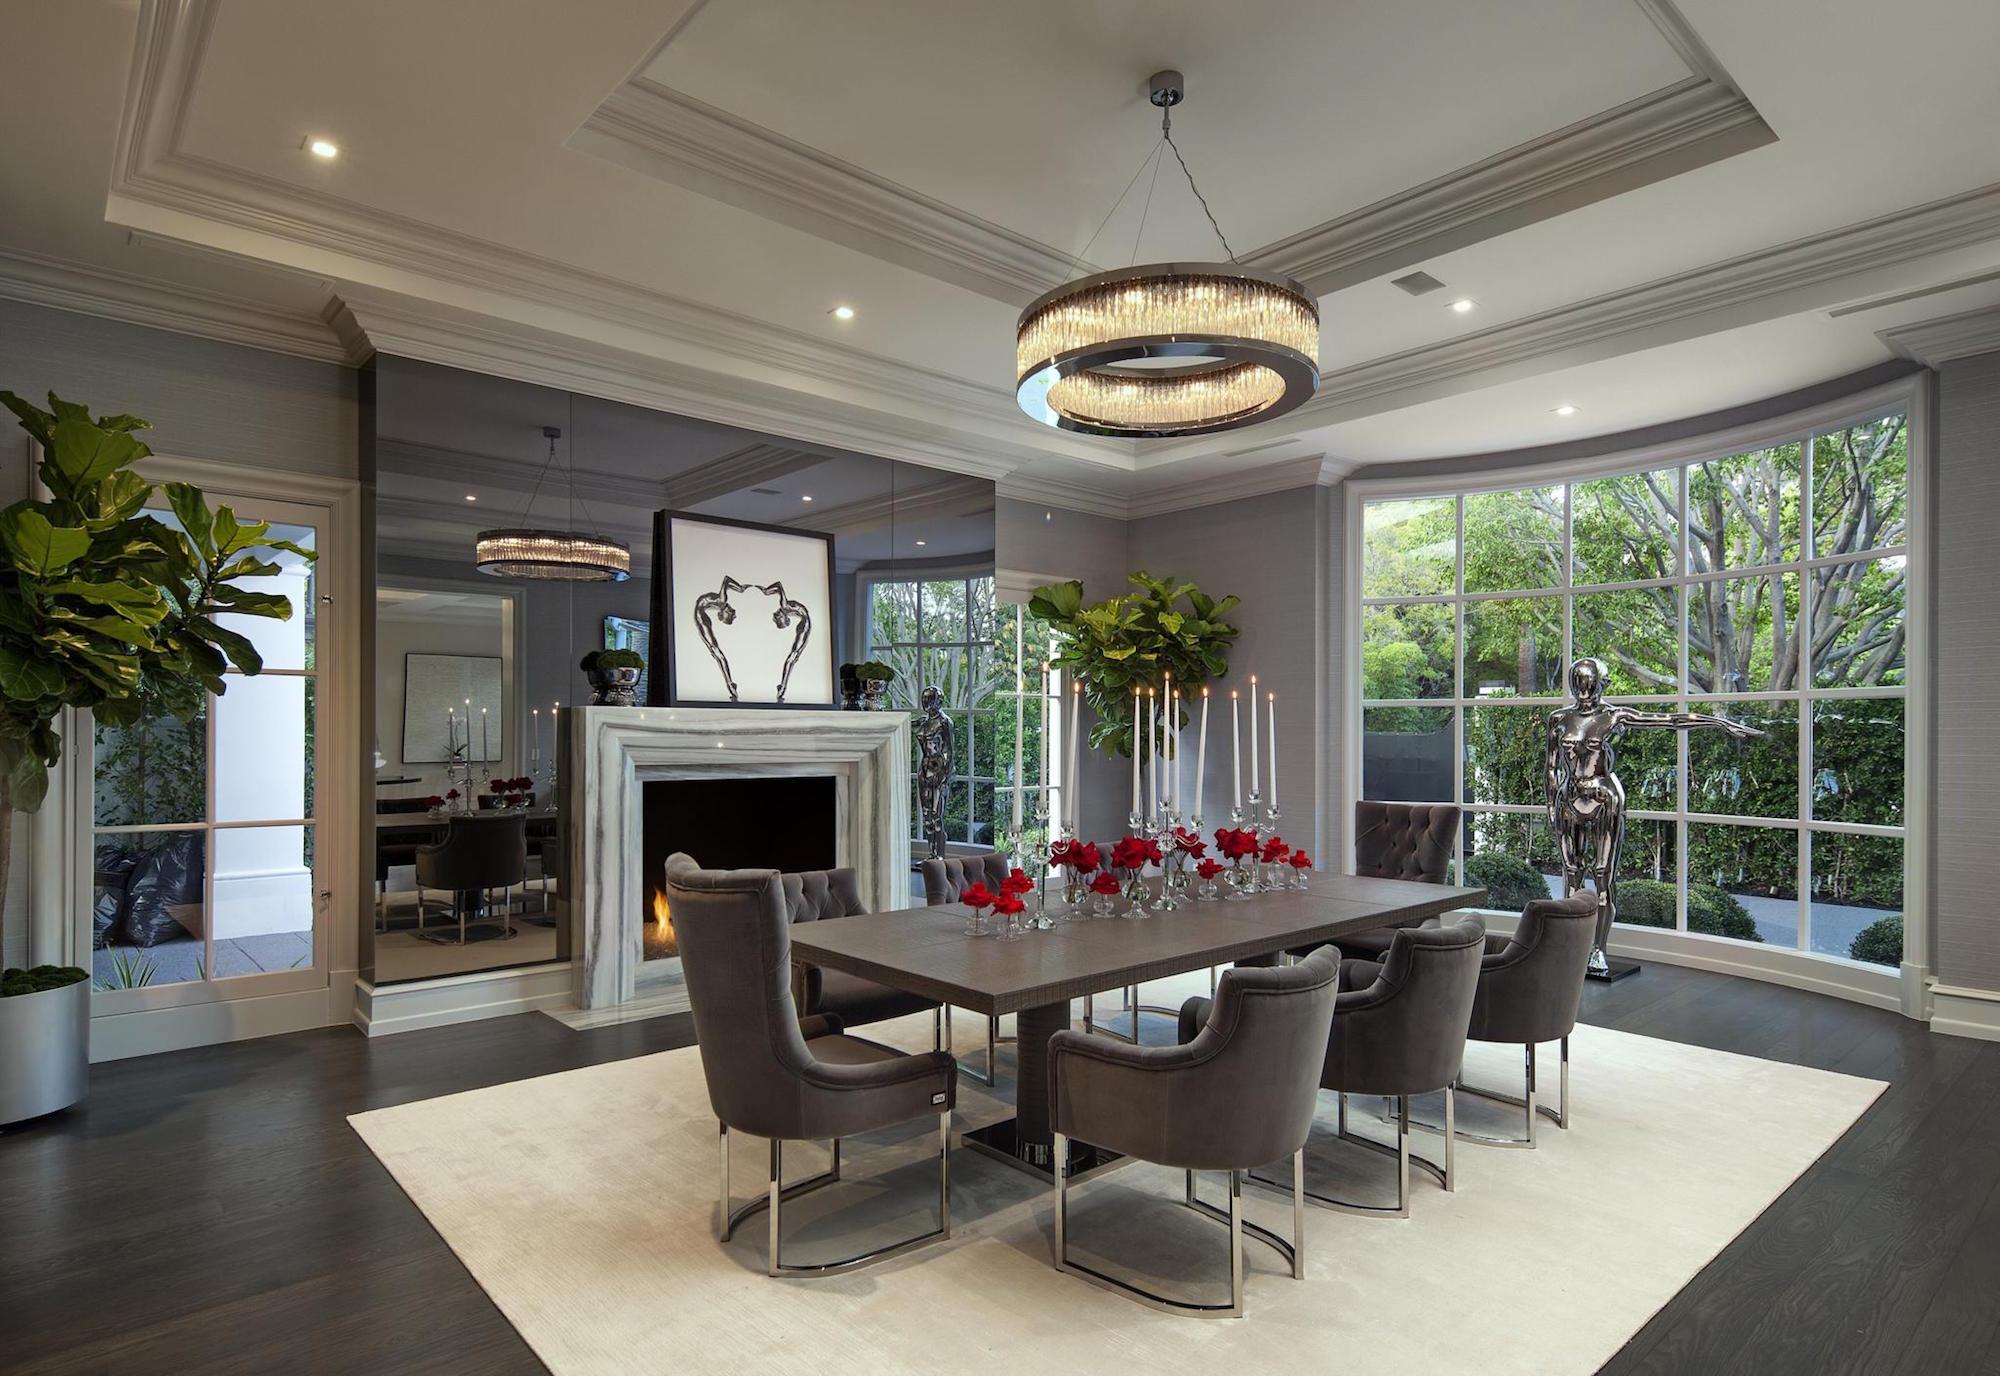 Das Beste für den Champ: Floyd Mayweather kauft Anwesen in Beverly Hills 10